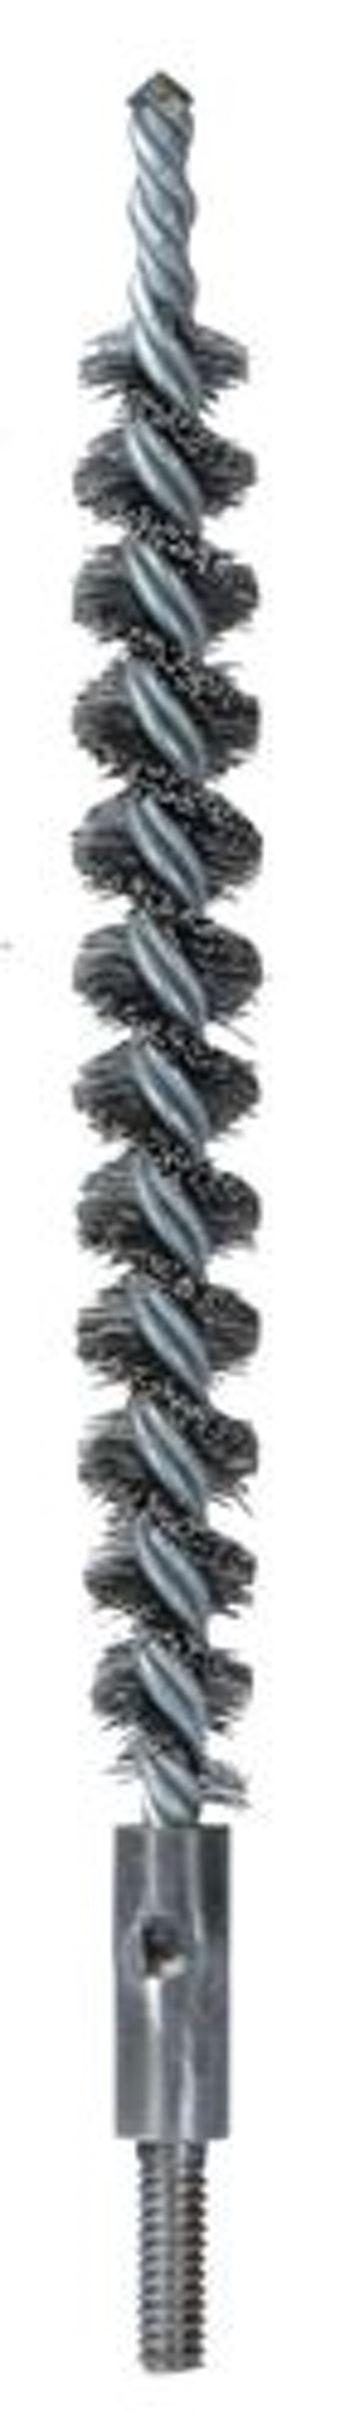 Escova Tubular Torcido Duplo 25mm com Fio 0,30mm - Abrasfer - T6000-25MM - Unitário